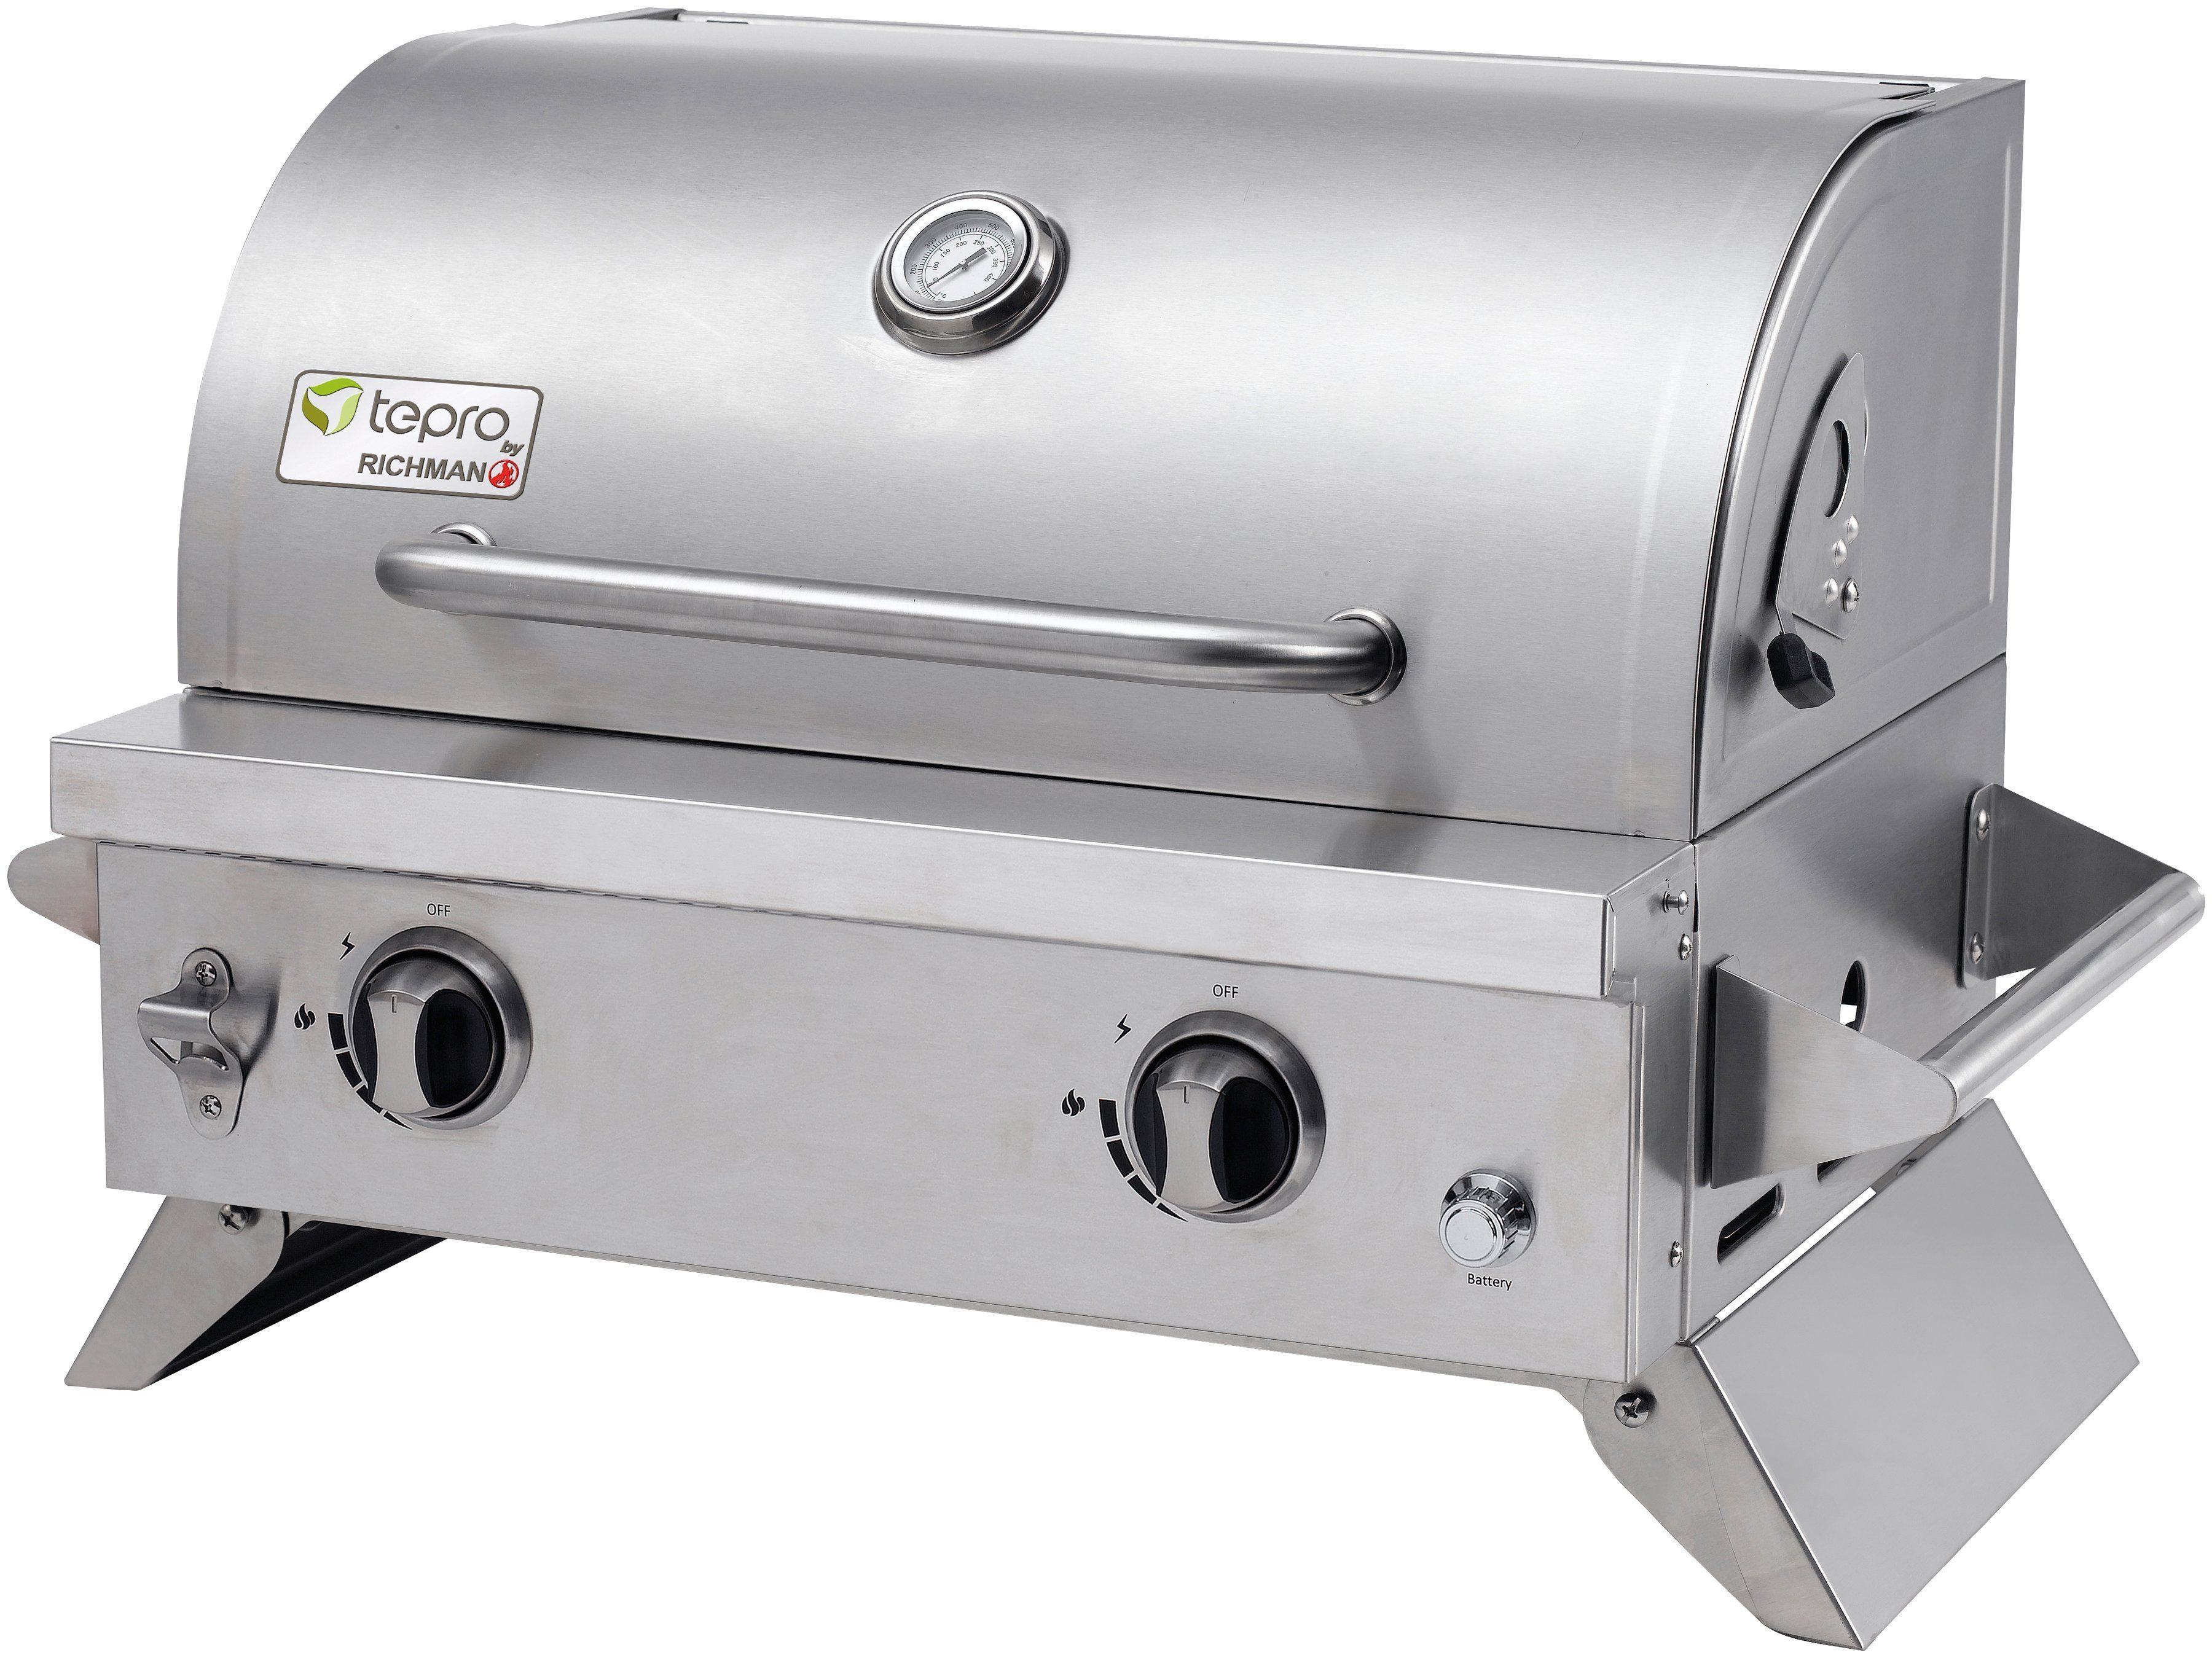 Tepro Gasgrill Richfield Test : Tepro grill test latest der grill test with tepro grill test